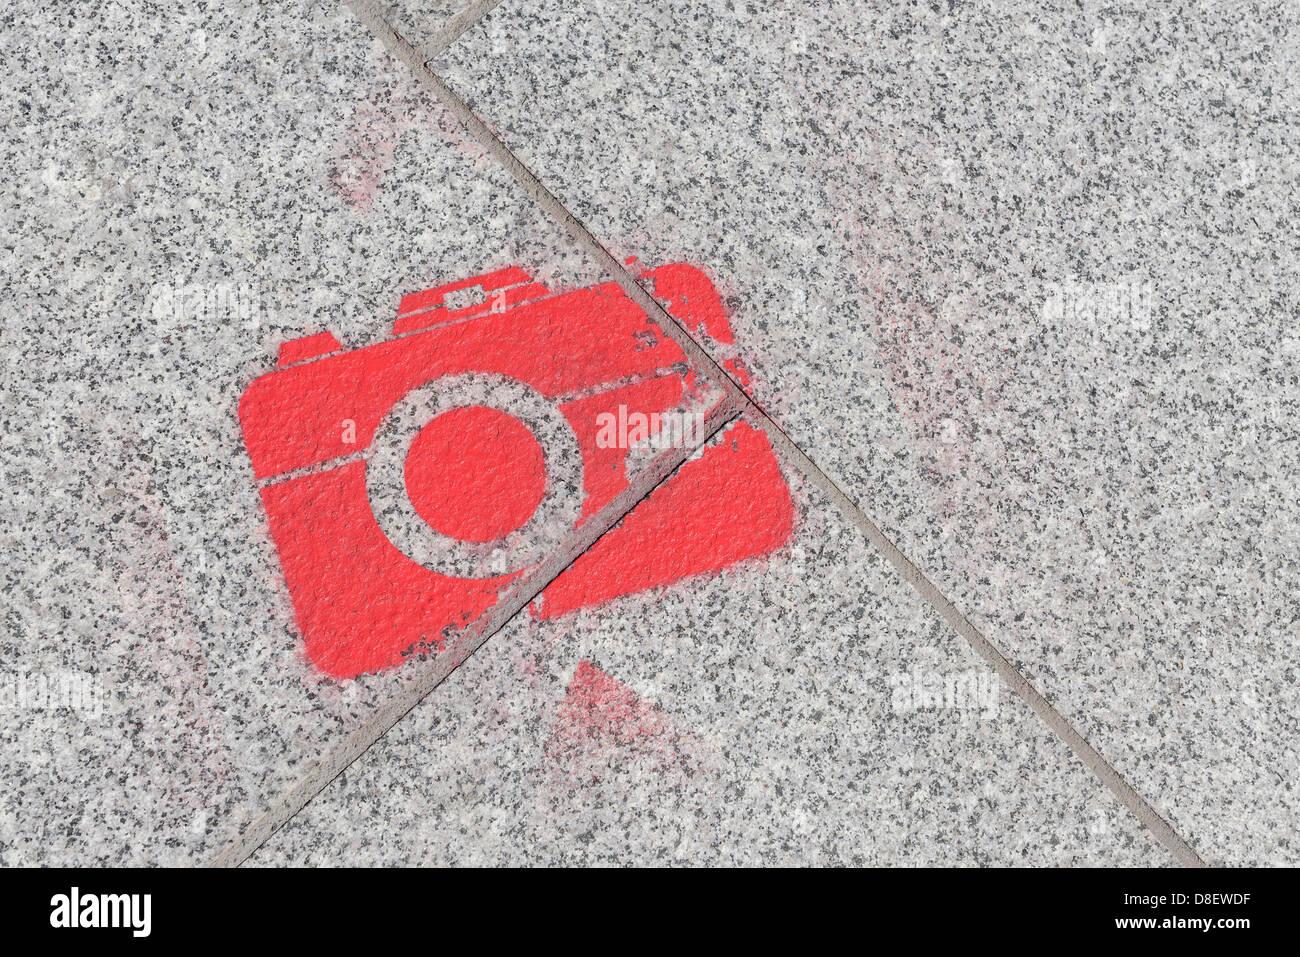 La forme de l'appareil photo au pavement peint à la bombe Photo Stock